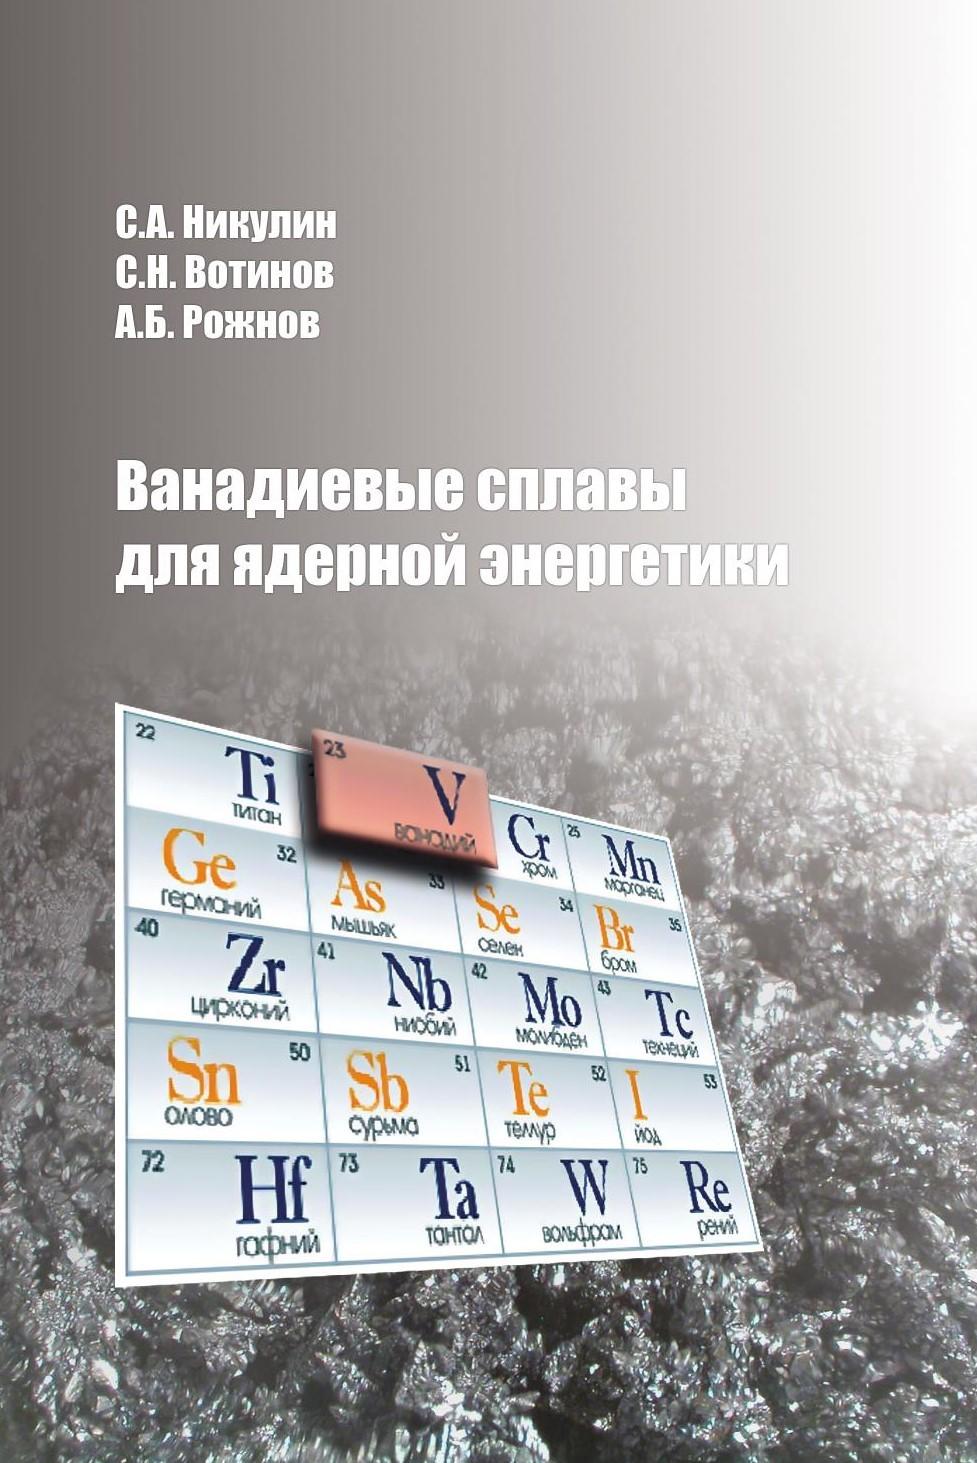 Андрей Рожнов Ванадиевые сплавы для ядерной энергетики